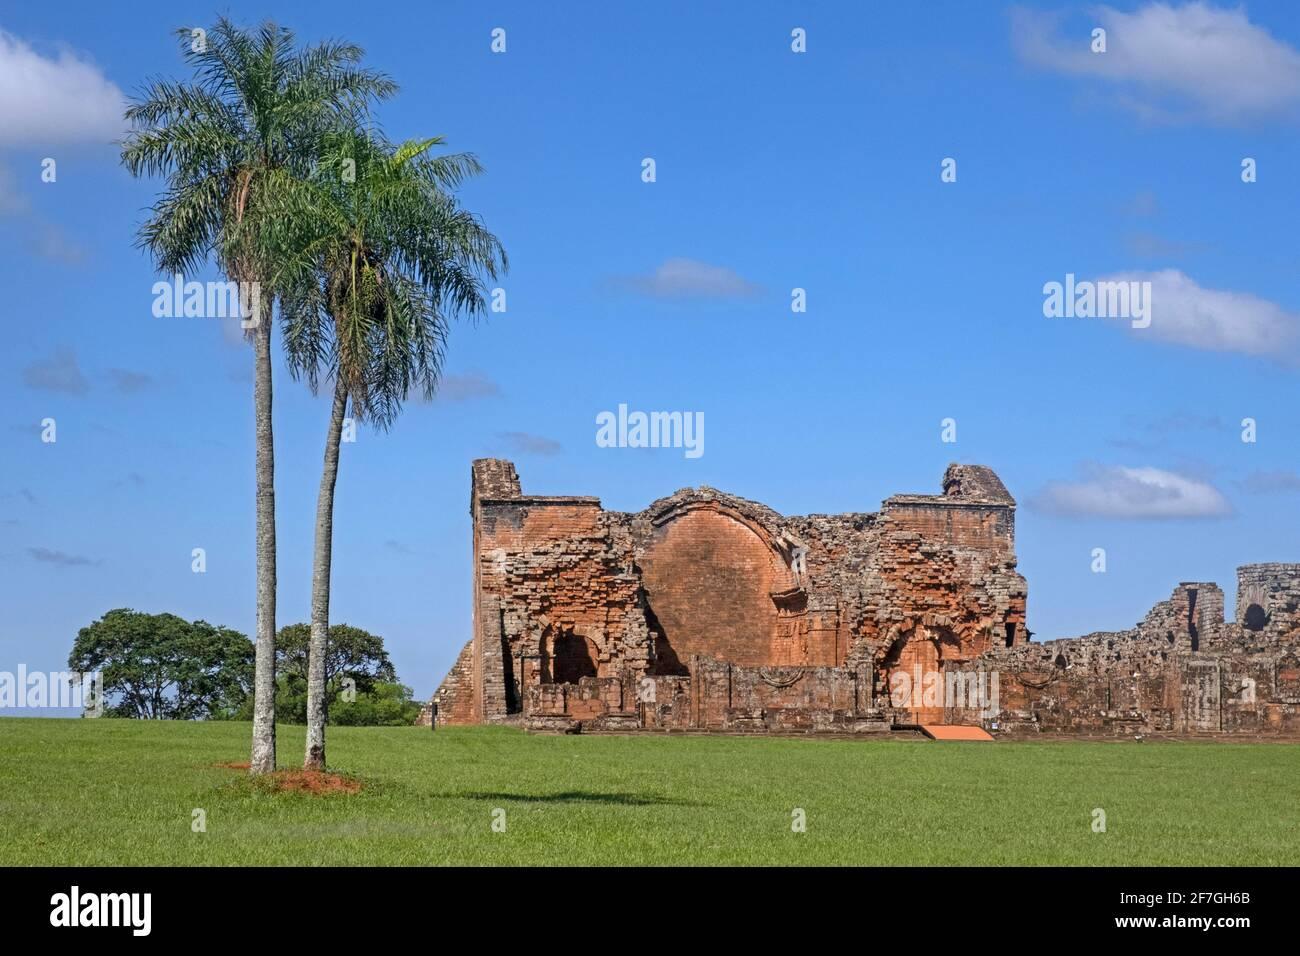 La Santisima Trinidad de Paraná / très Sainte Trinité de Paraná, ruines de la réduction jésuite à Trinidad / Trinité près d'Encarnación, Itapua, Paraguay Banque D'Images